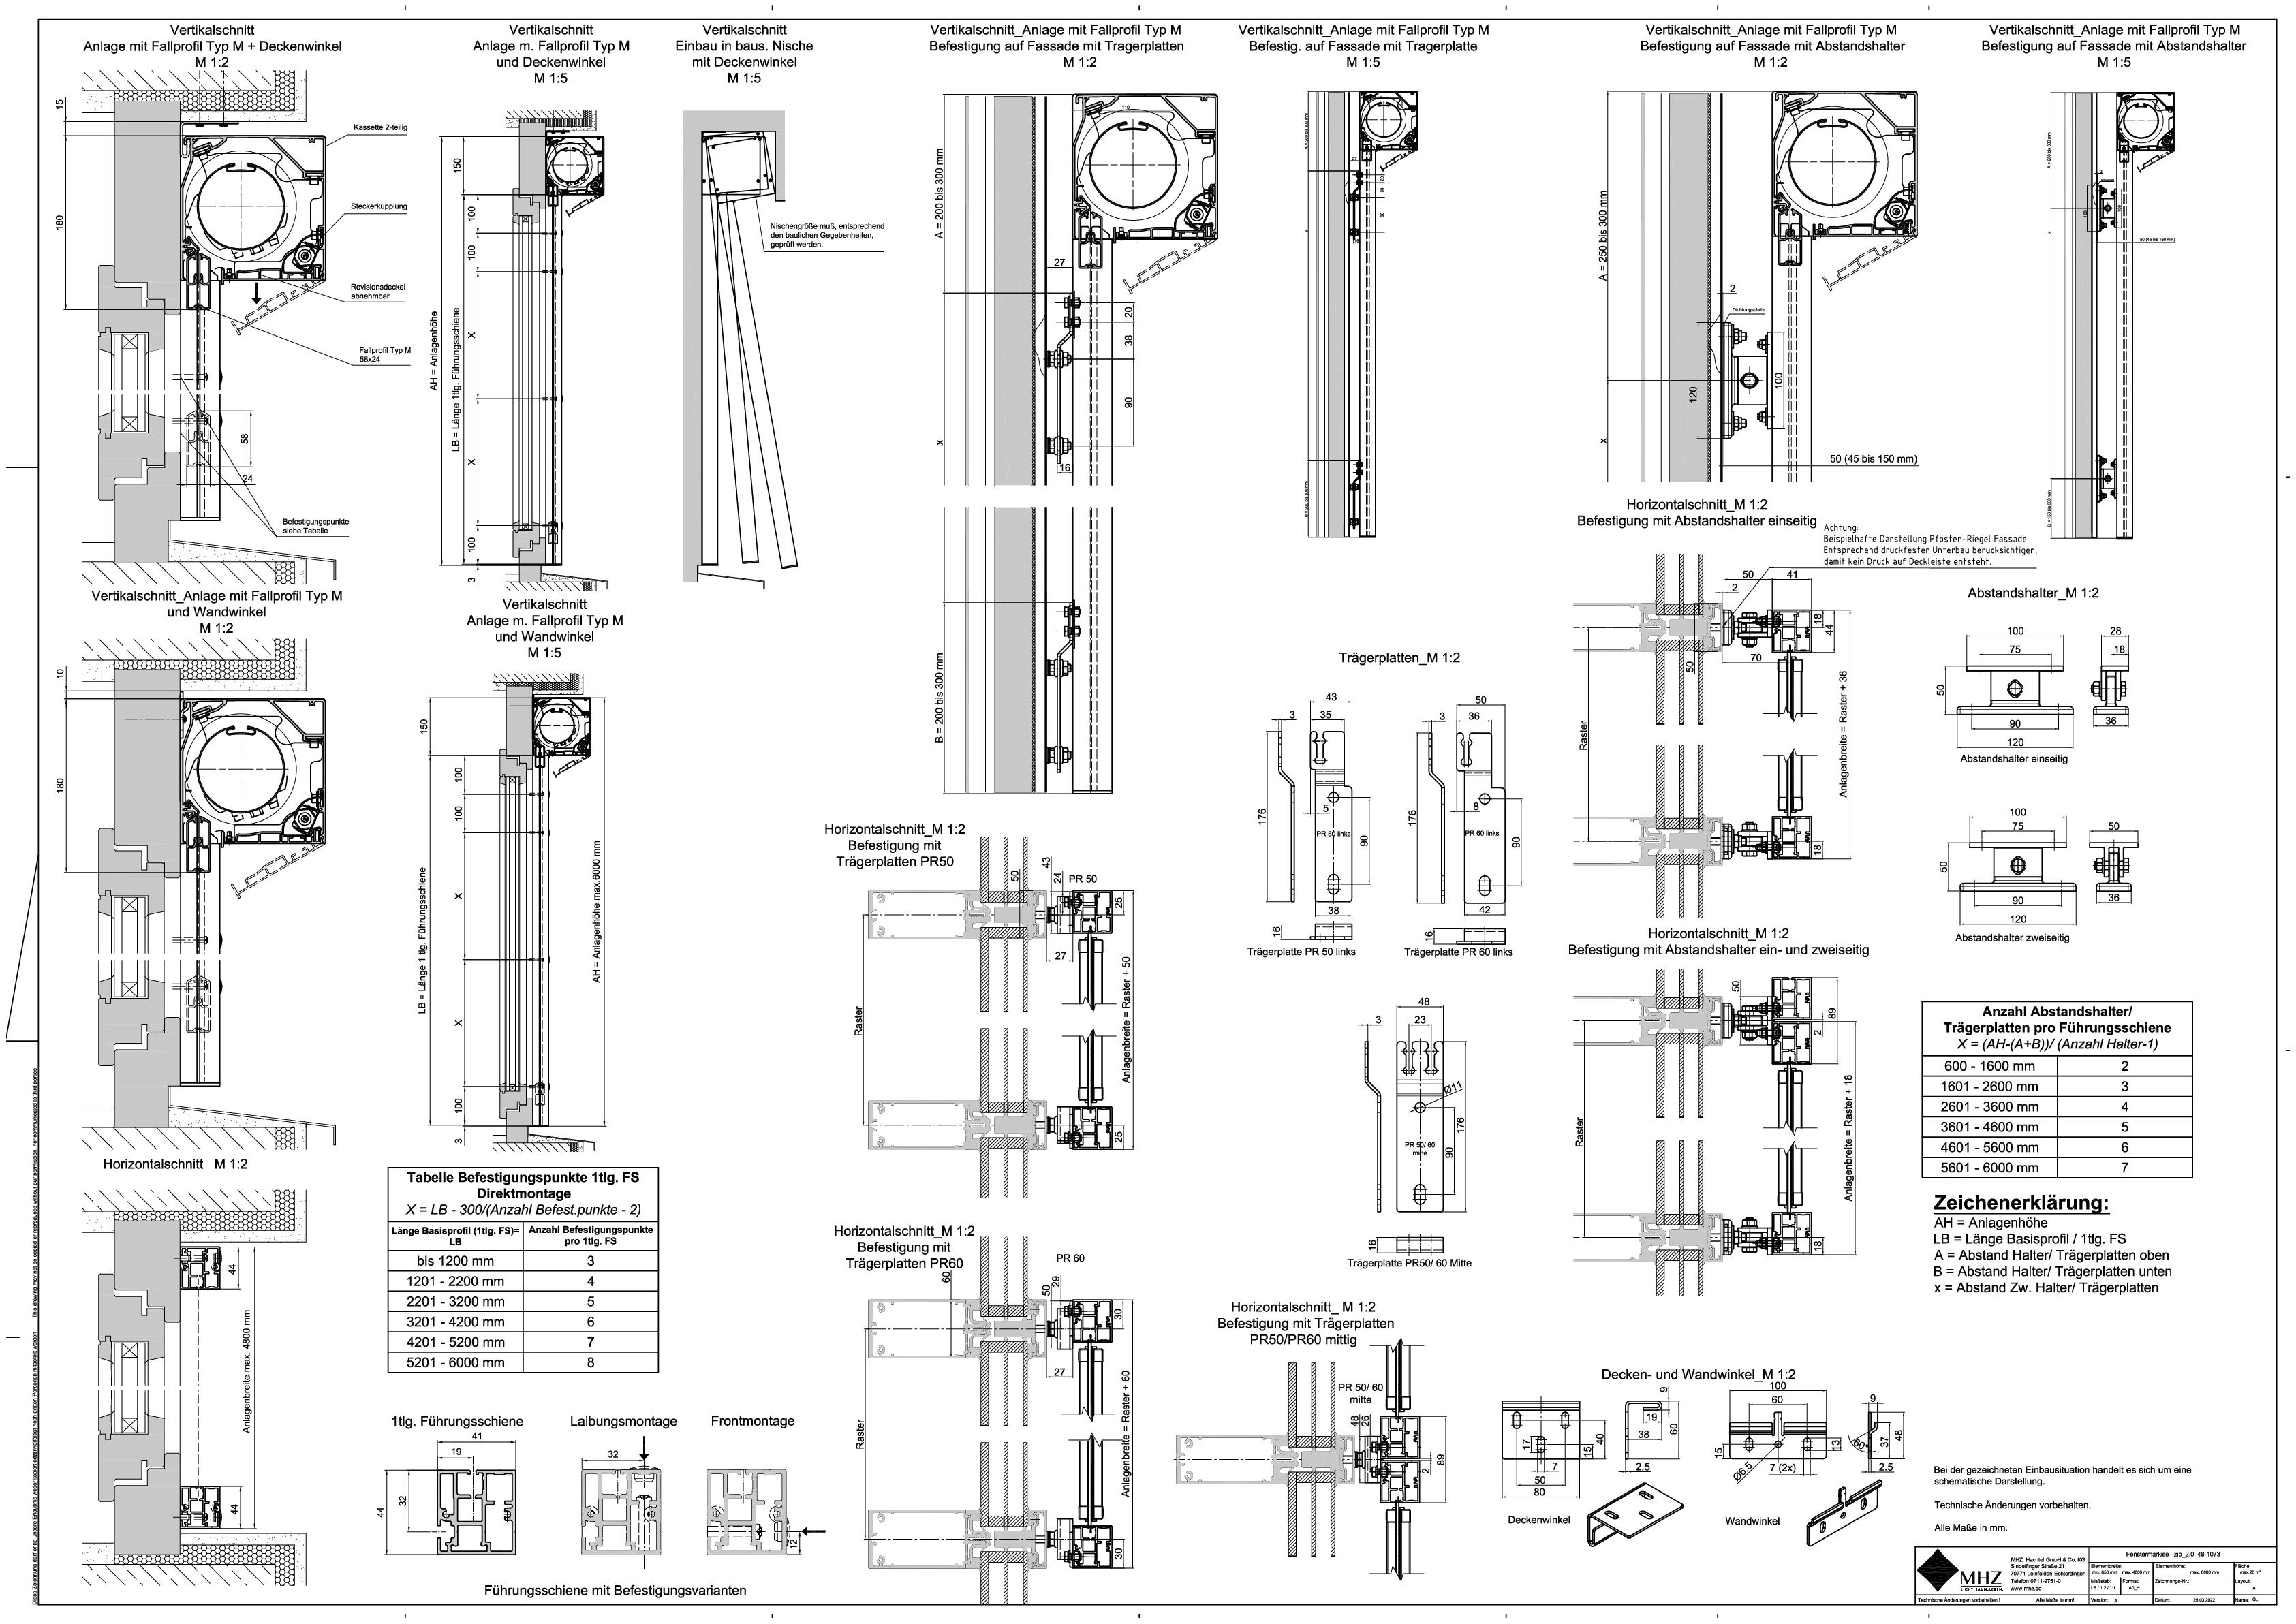 Technische Zeichnung pdf Fenstermarkisen zip_2.0 48-1073